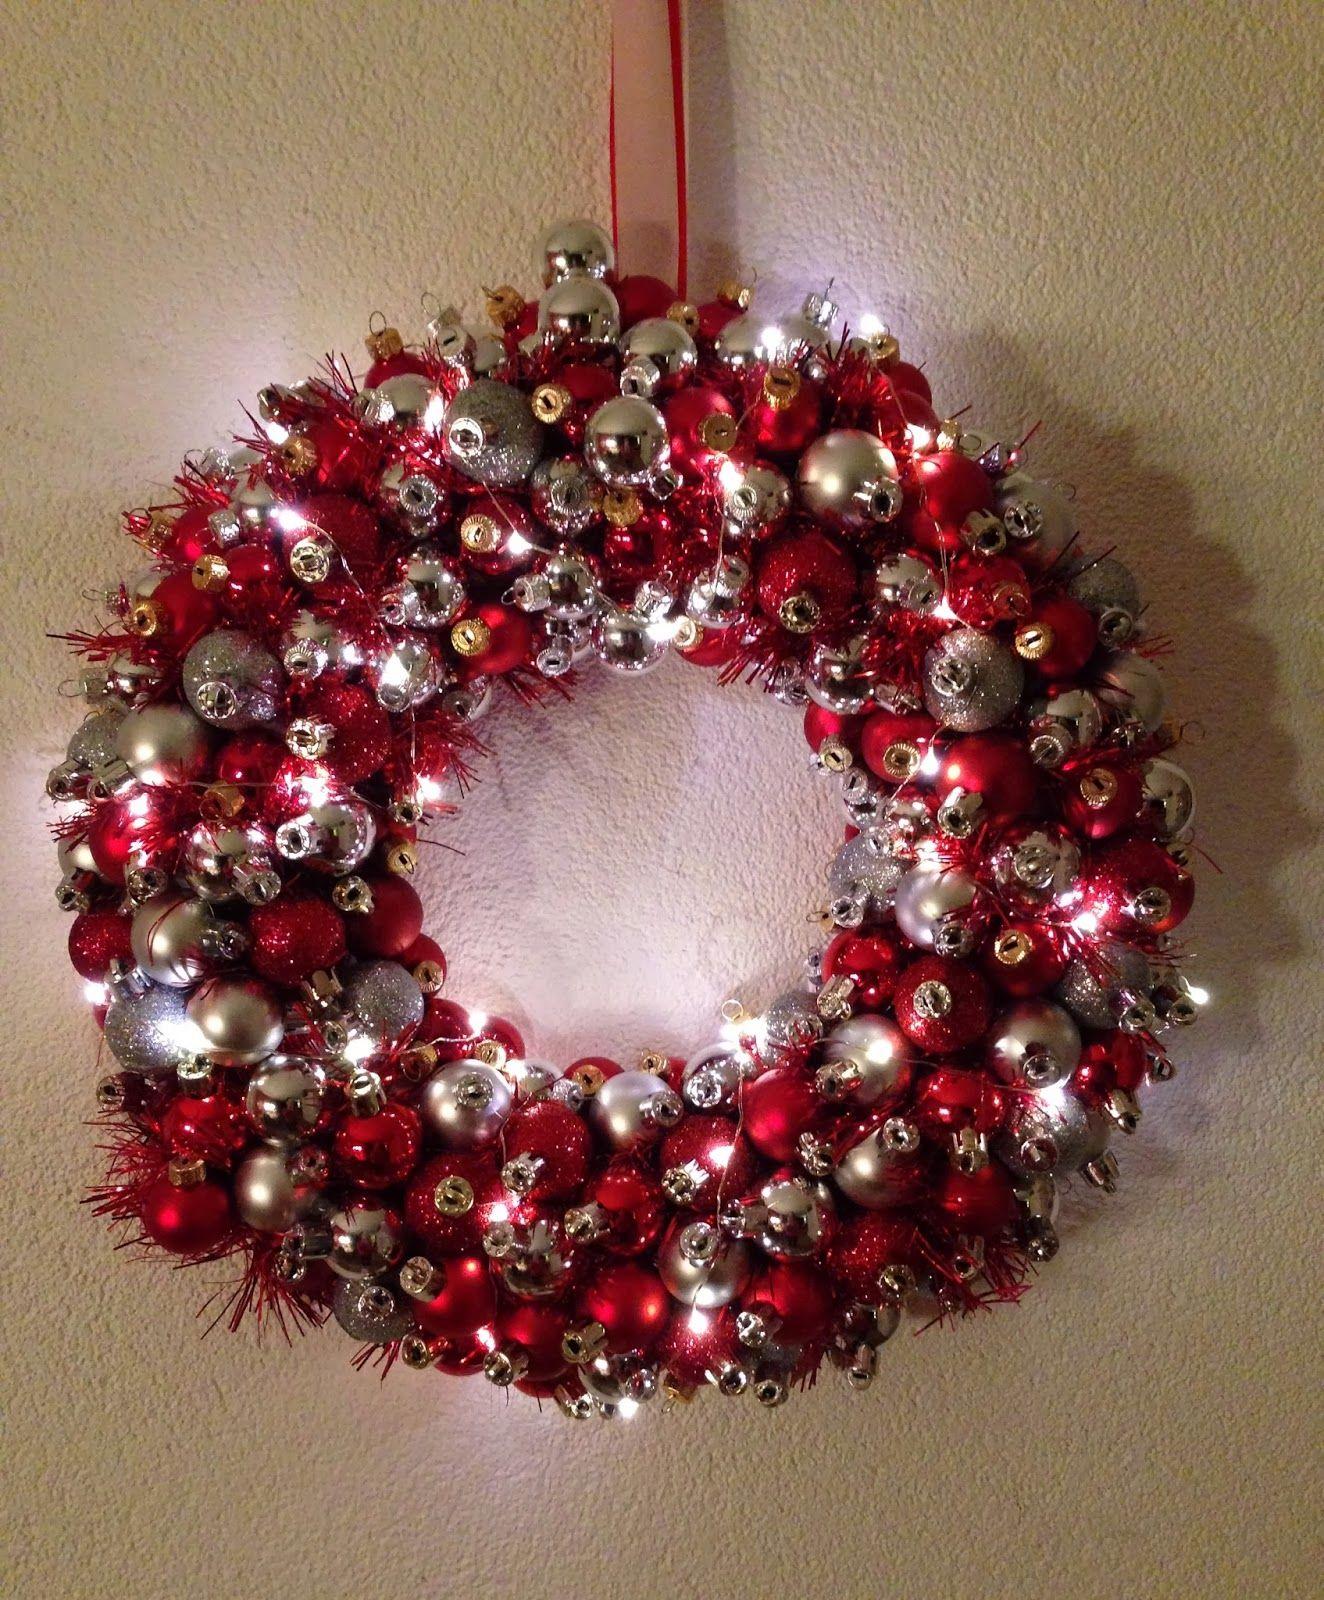 Kerstkrans met kerstballen en verlichting: Op internet zag ik hele ...